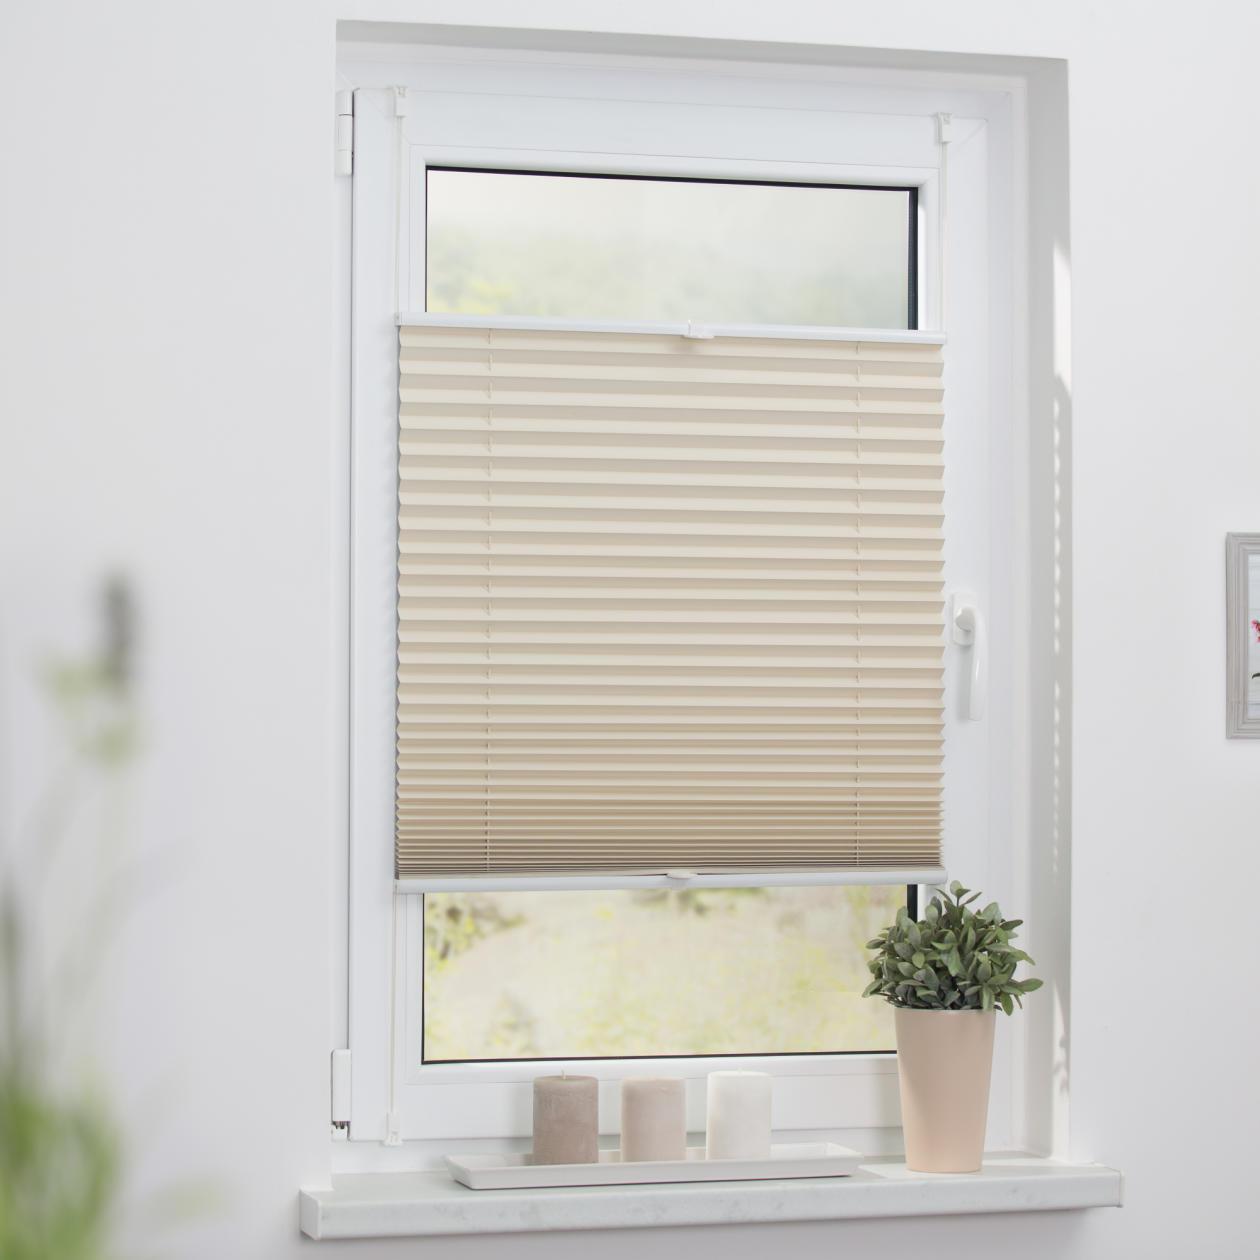 lichtblick plissee klemmfix thermo ohne bohren verspannt verdunkelung jalous ebay. Black Bedroom Furniture Sets. Home Design Ideas